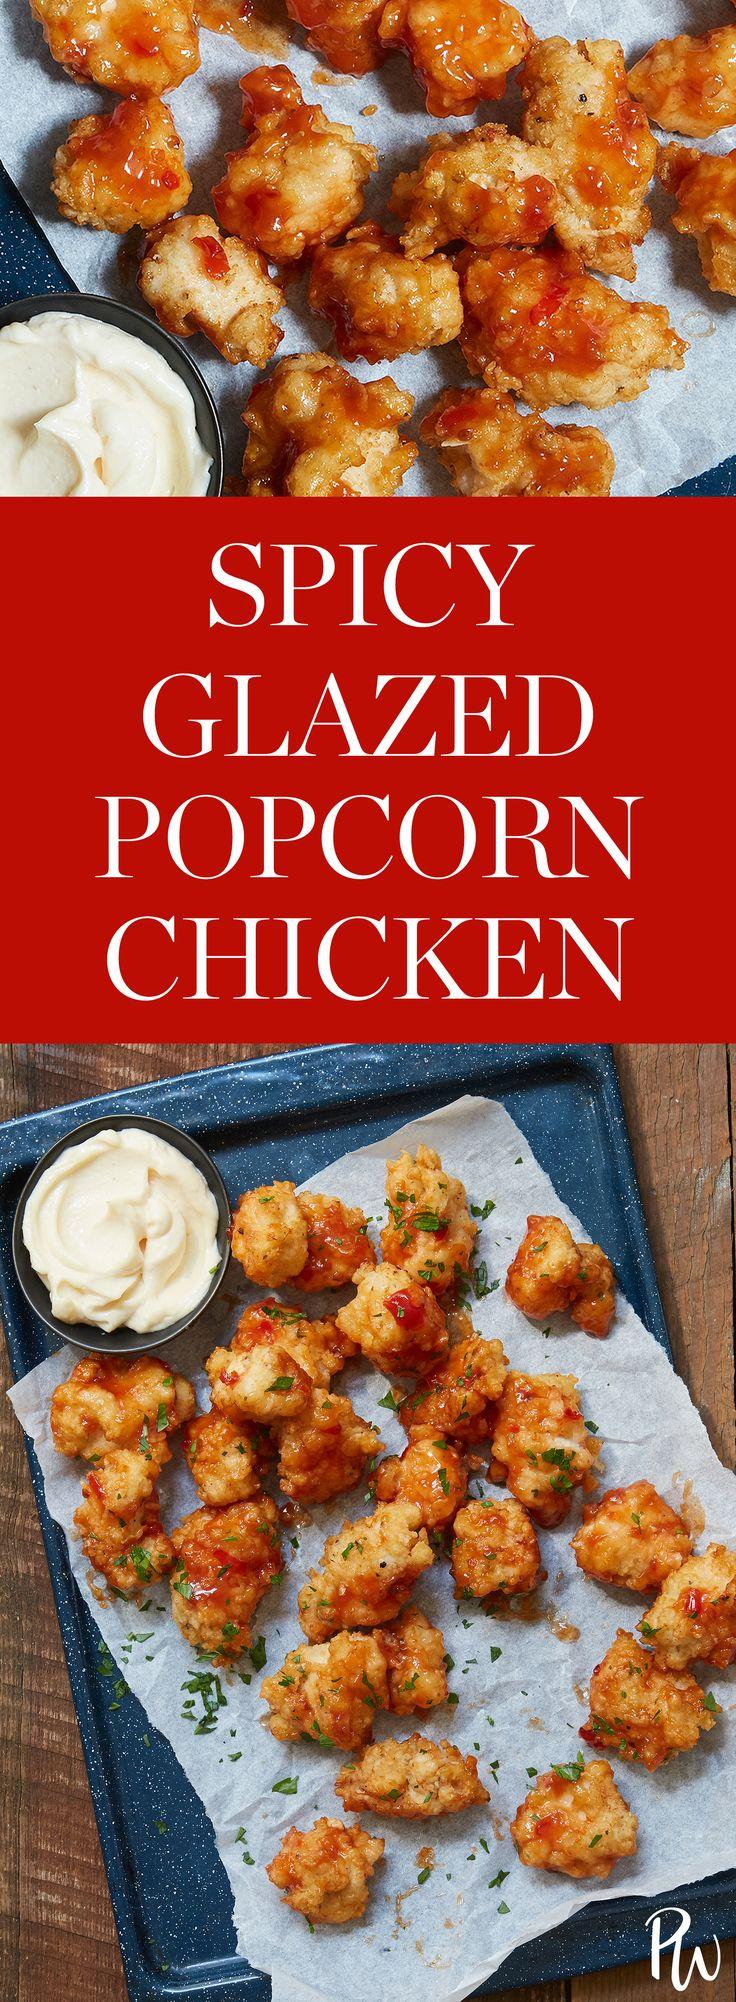 Spicy Glazed Popcorn Chicken